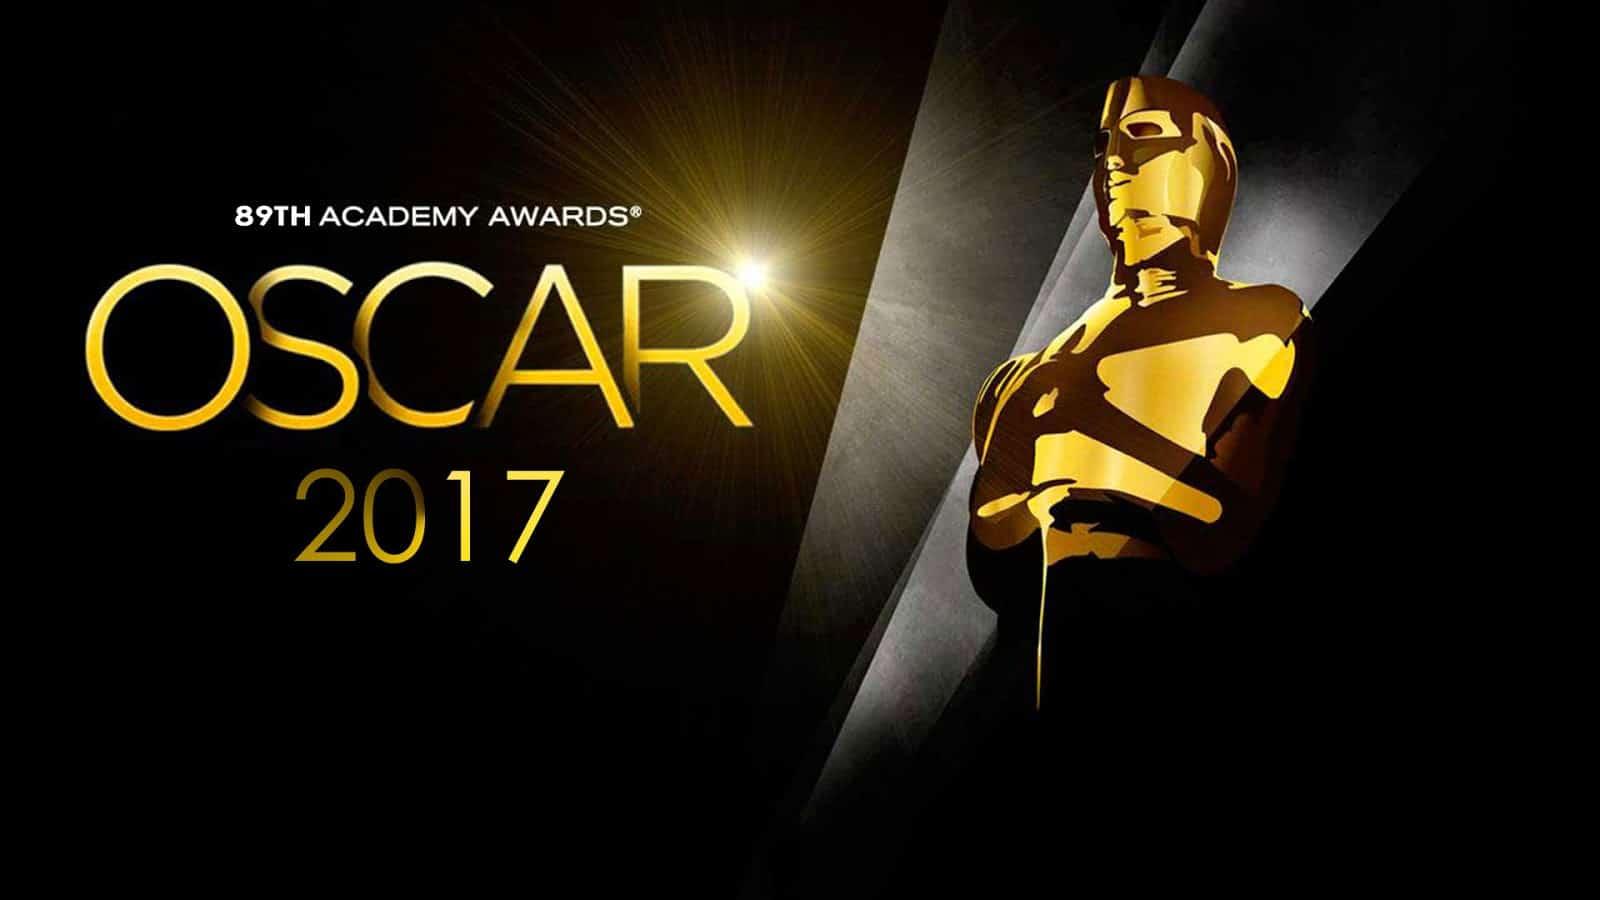 Errores, contingencia política y presencia canadiense en los Oscars 2017